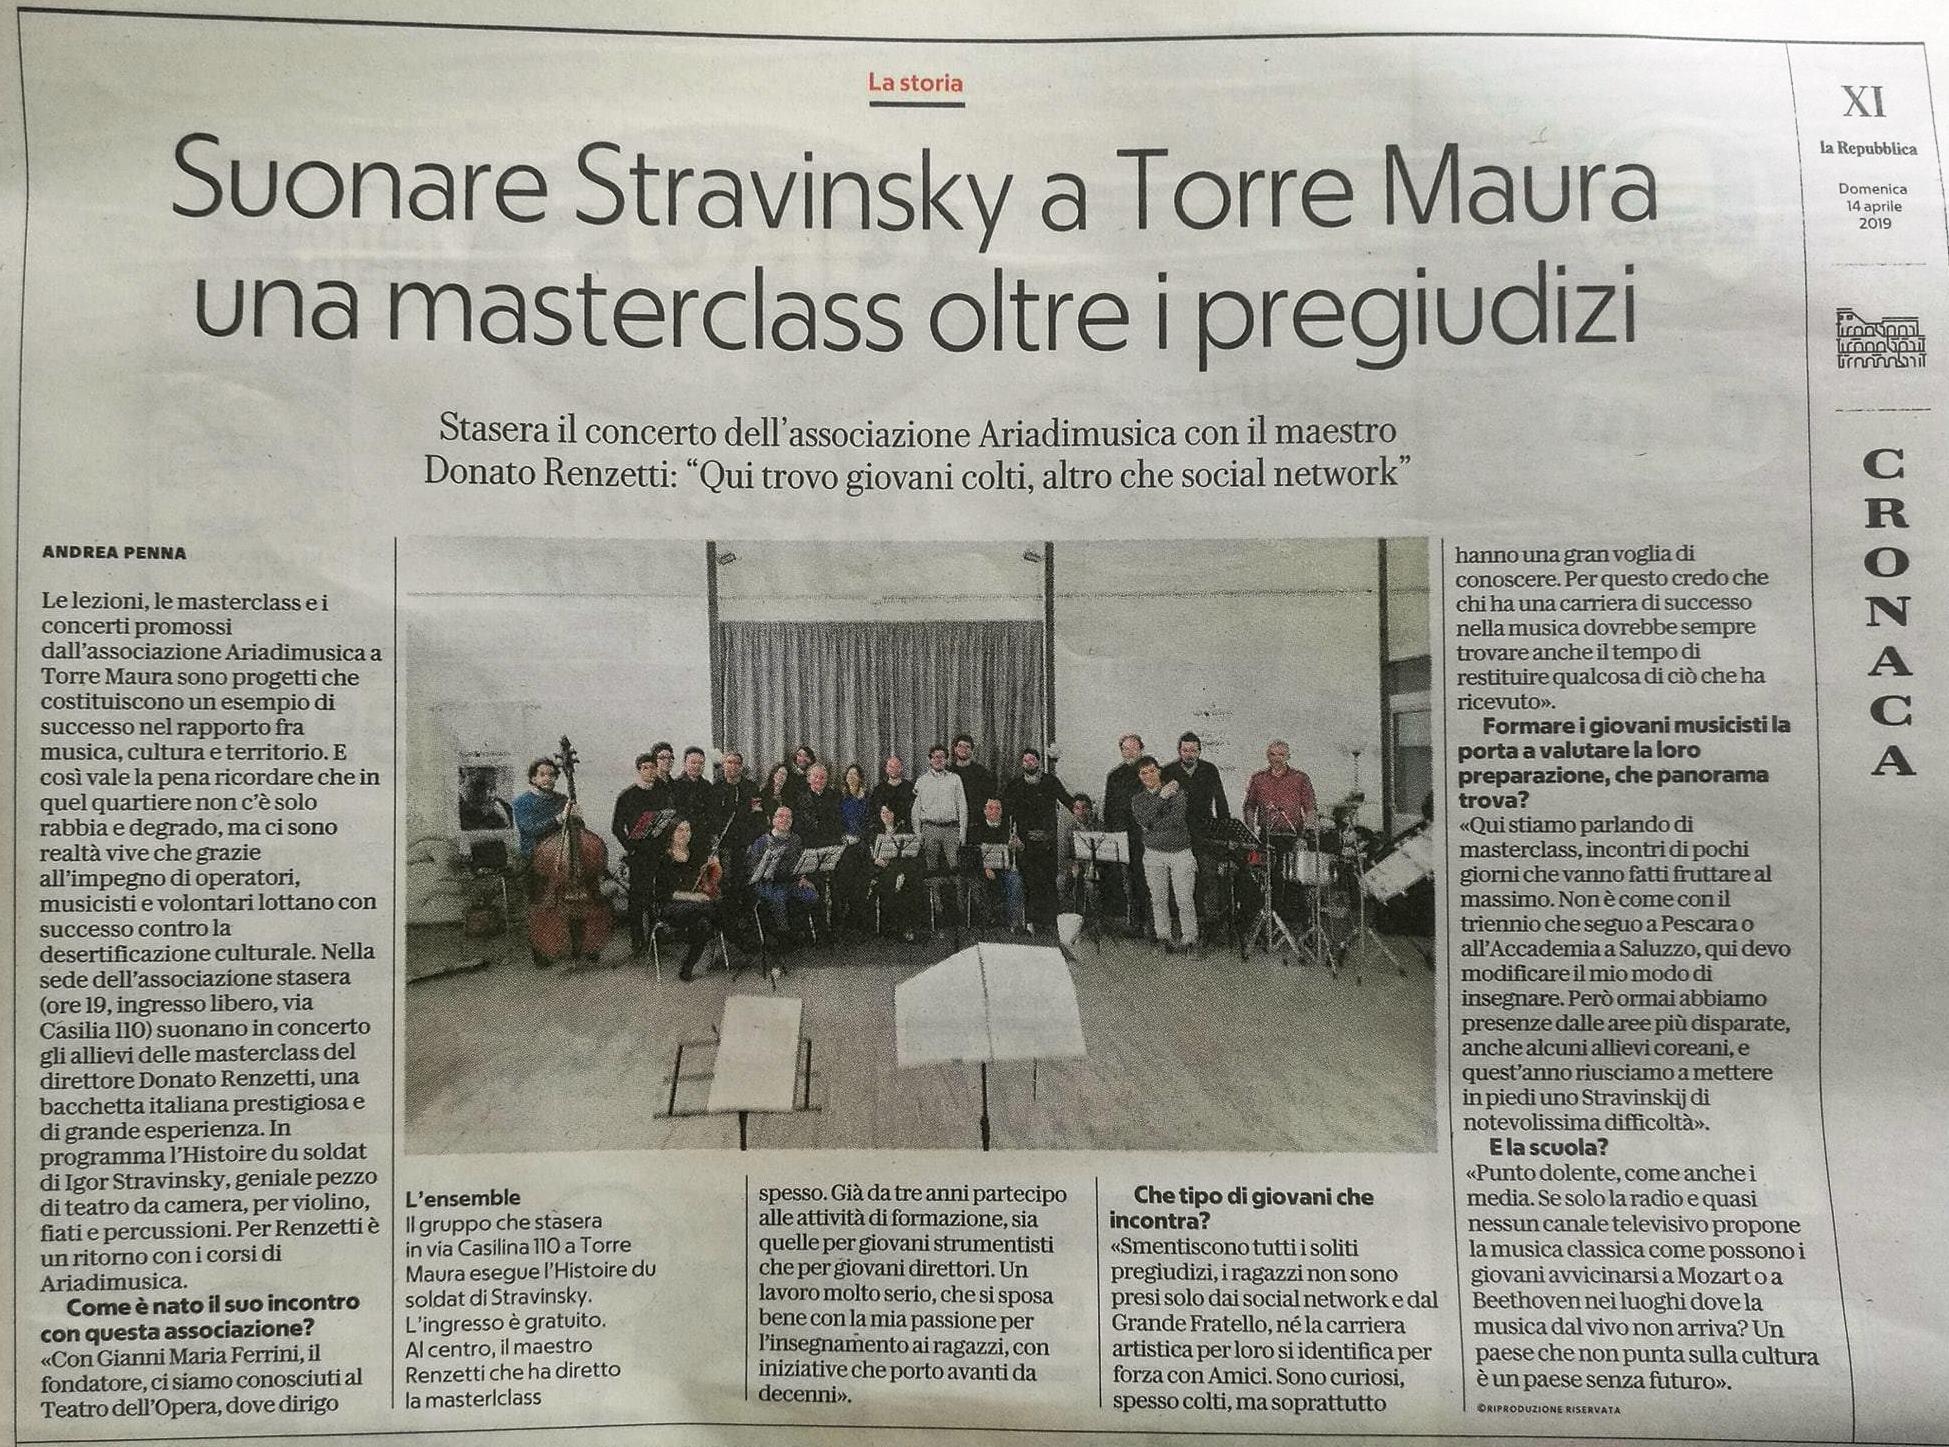 La Repubblica 14/4/2019